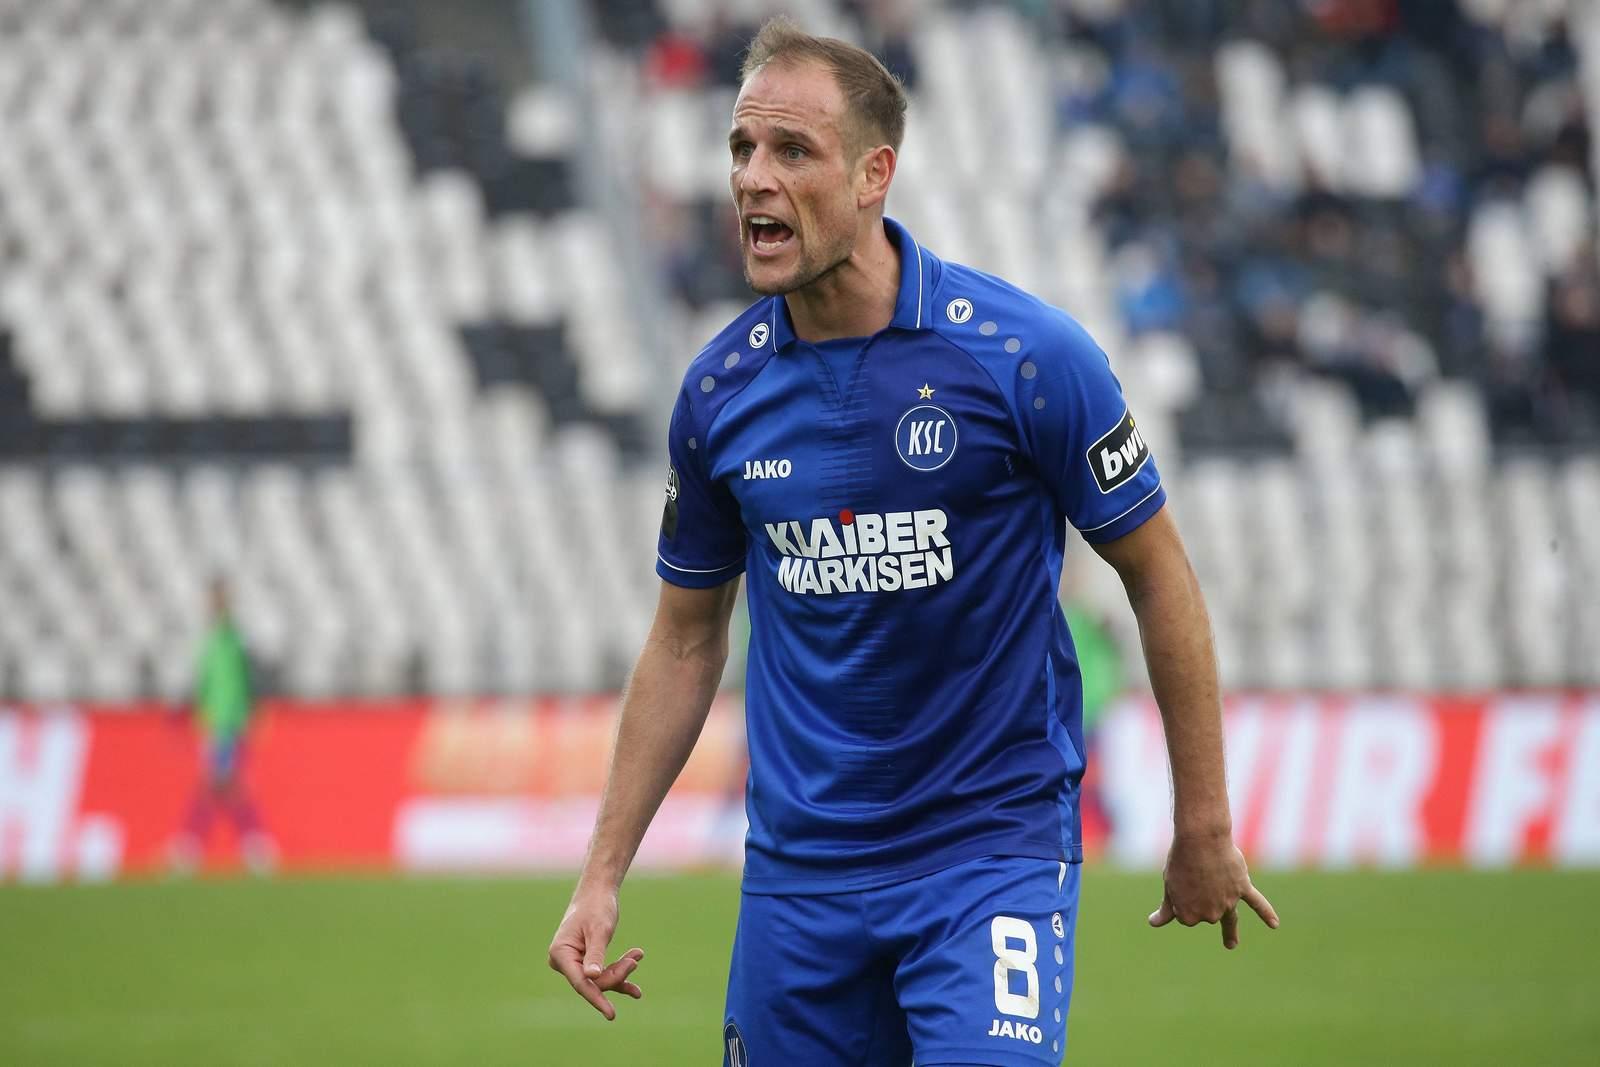 Manuel Stiefler lautstark im Spiel gegen Osnabrück